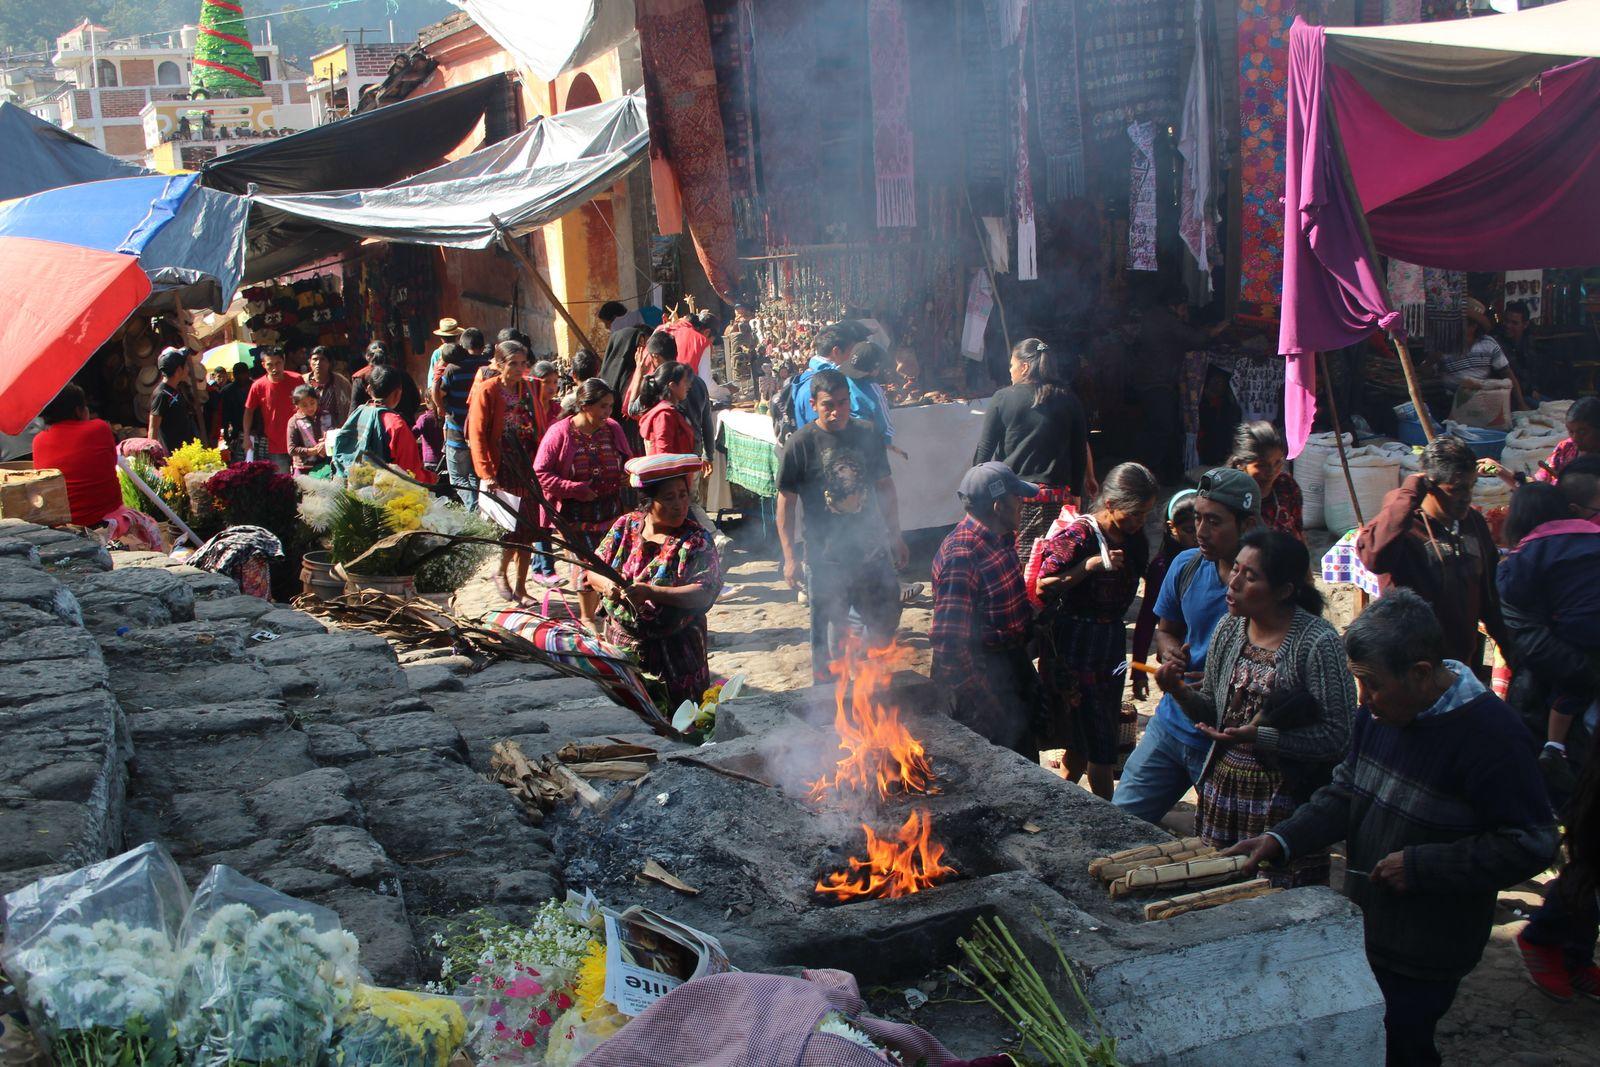 산토 토마스 교회 앞에서 제사를 드리는 원주민.